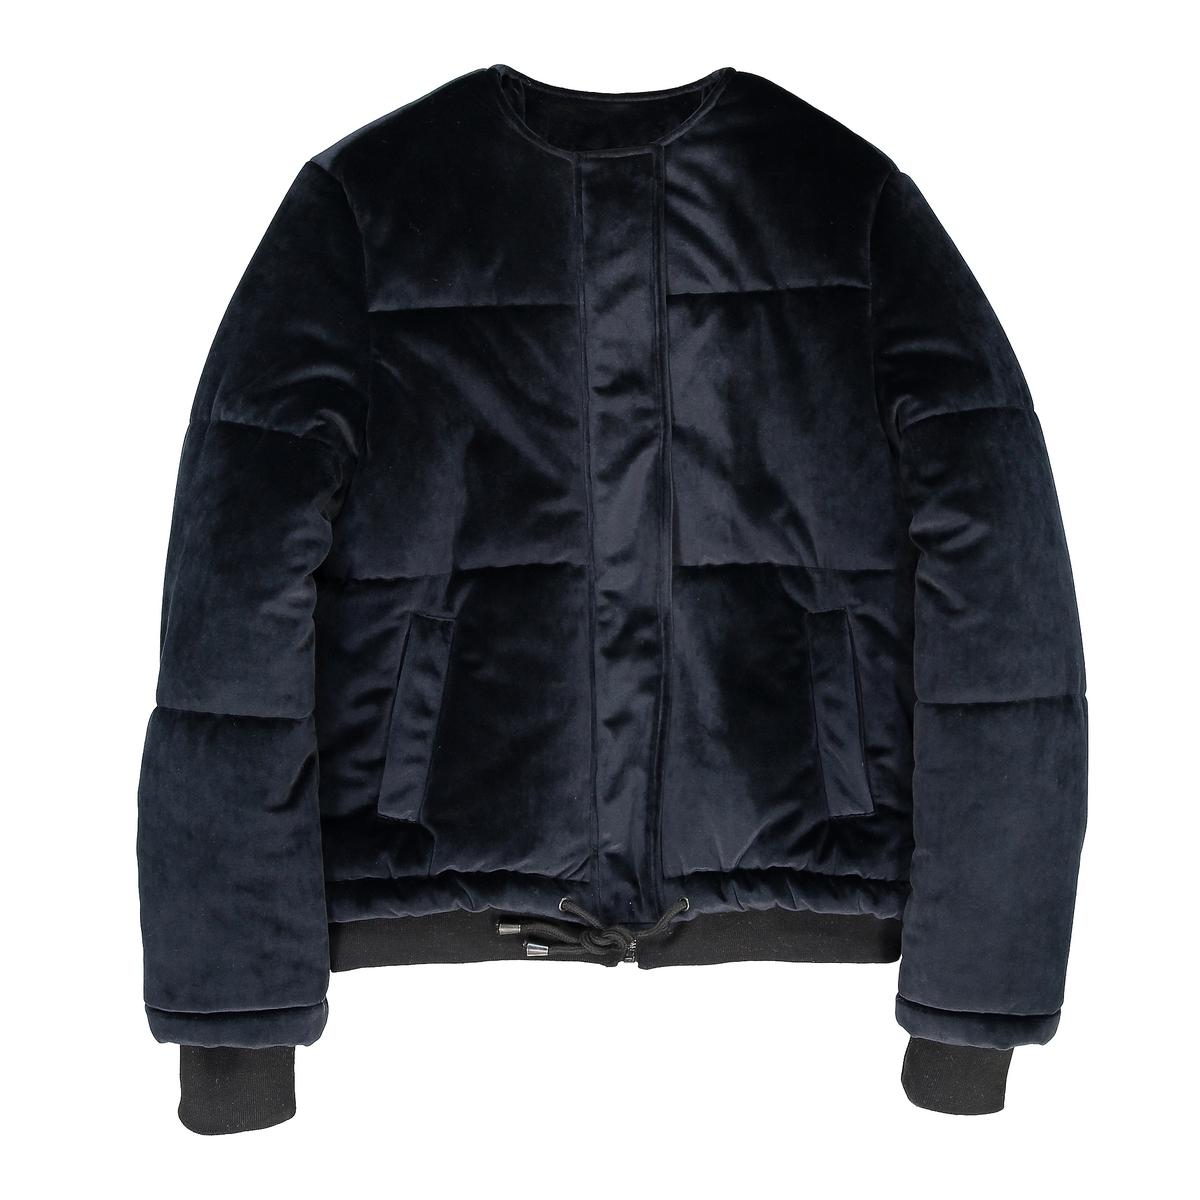 Куртка стеганая велюроваяОписание:Этой зимой стеганая куртка снова возвращается. Всем понравится мягкость этой стеганой куртки из теплого велюра, сочетающей стиль и комфорт.Детали •  Длина  : укороченная •  Круглый вырез •  Застежка на молниюСостав и уход •  100% полиэстер •  Подкладка : 100% полиэстер •  Наполнитель : 100% полиэстер • Не стирать •  Разрешается использование любых растворителей / отбеливание запрещено •  Не использовать барабанную сушку •  Не гладить •  Длина  : 62 см<br><br>Цвет: бордовый,синий морской<br>Размер: 48 (FR) - 54 (RUS).46 (FR) - 52 (RUS).44 (FR) - 50 (RUS).42 (FR) - 48 (RUS)